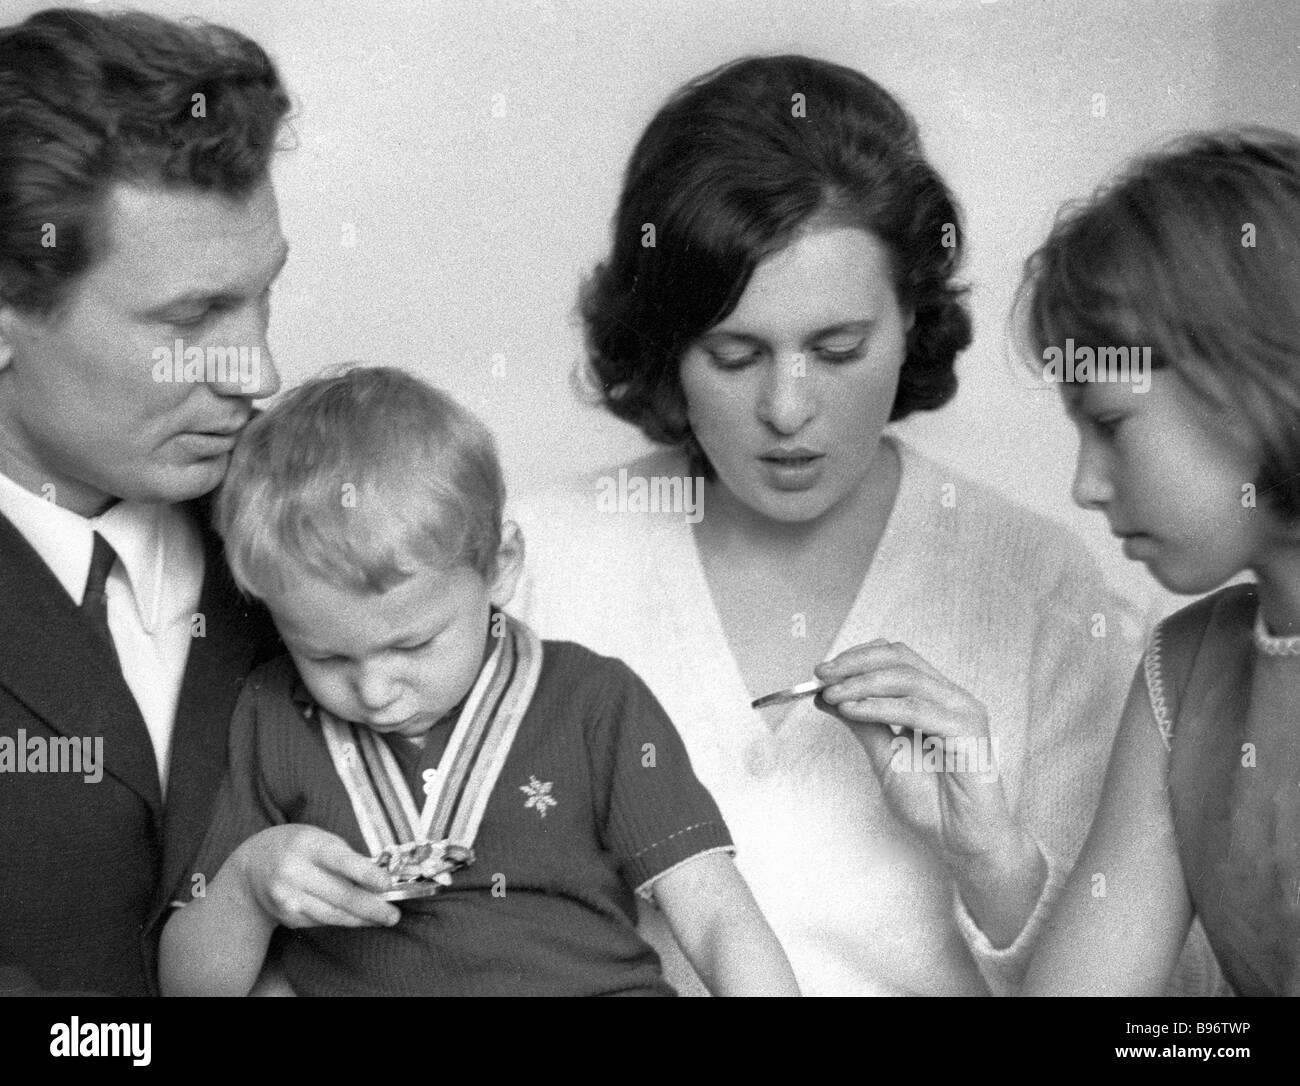 Vyacheslav Maltsev: biography, family, children 20